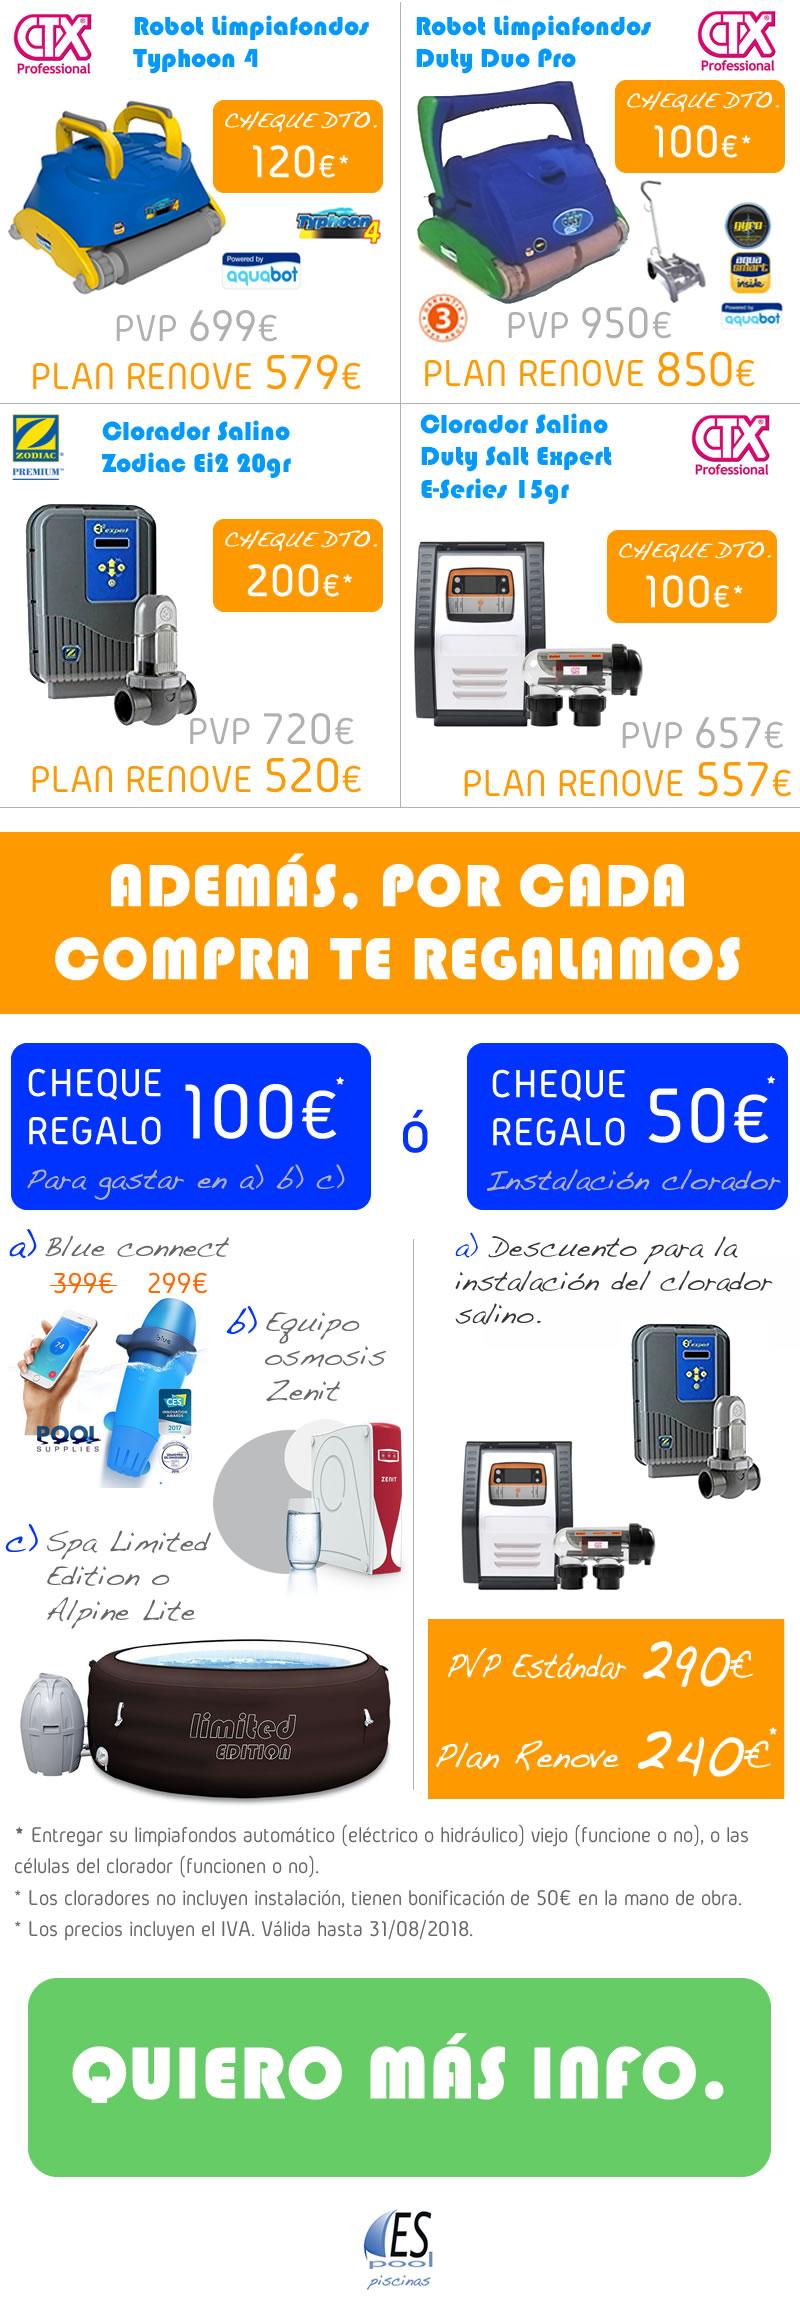 Ofertas de robots limpiafondos y cloradores salinos en Espool Piscinas, Guadalajara